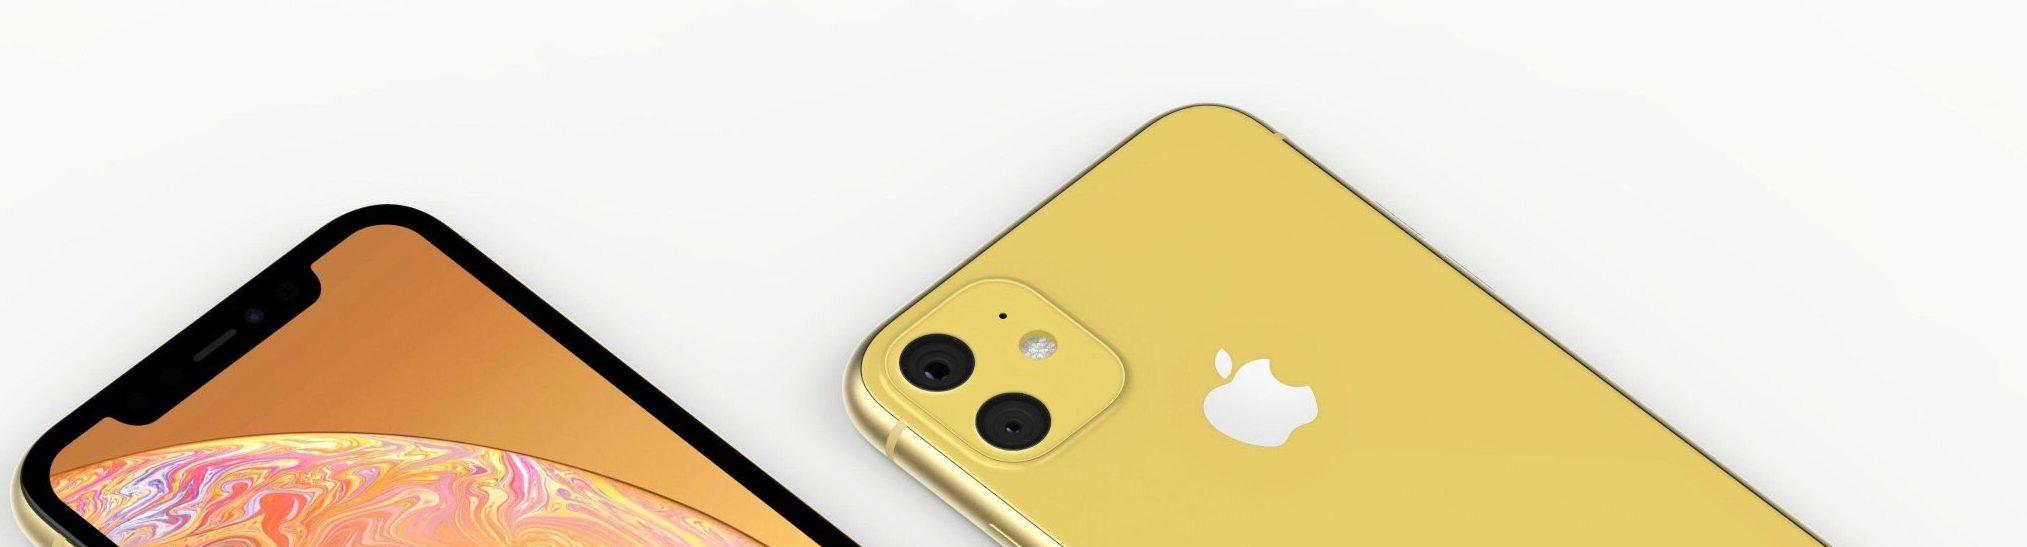 Последние данные о новом iPhone 3